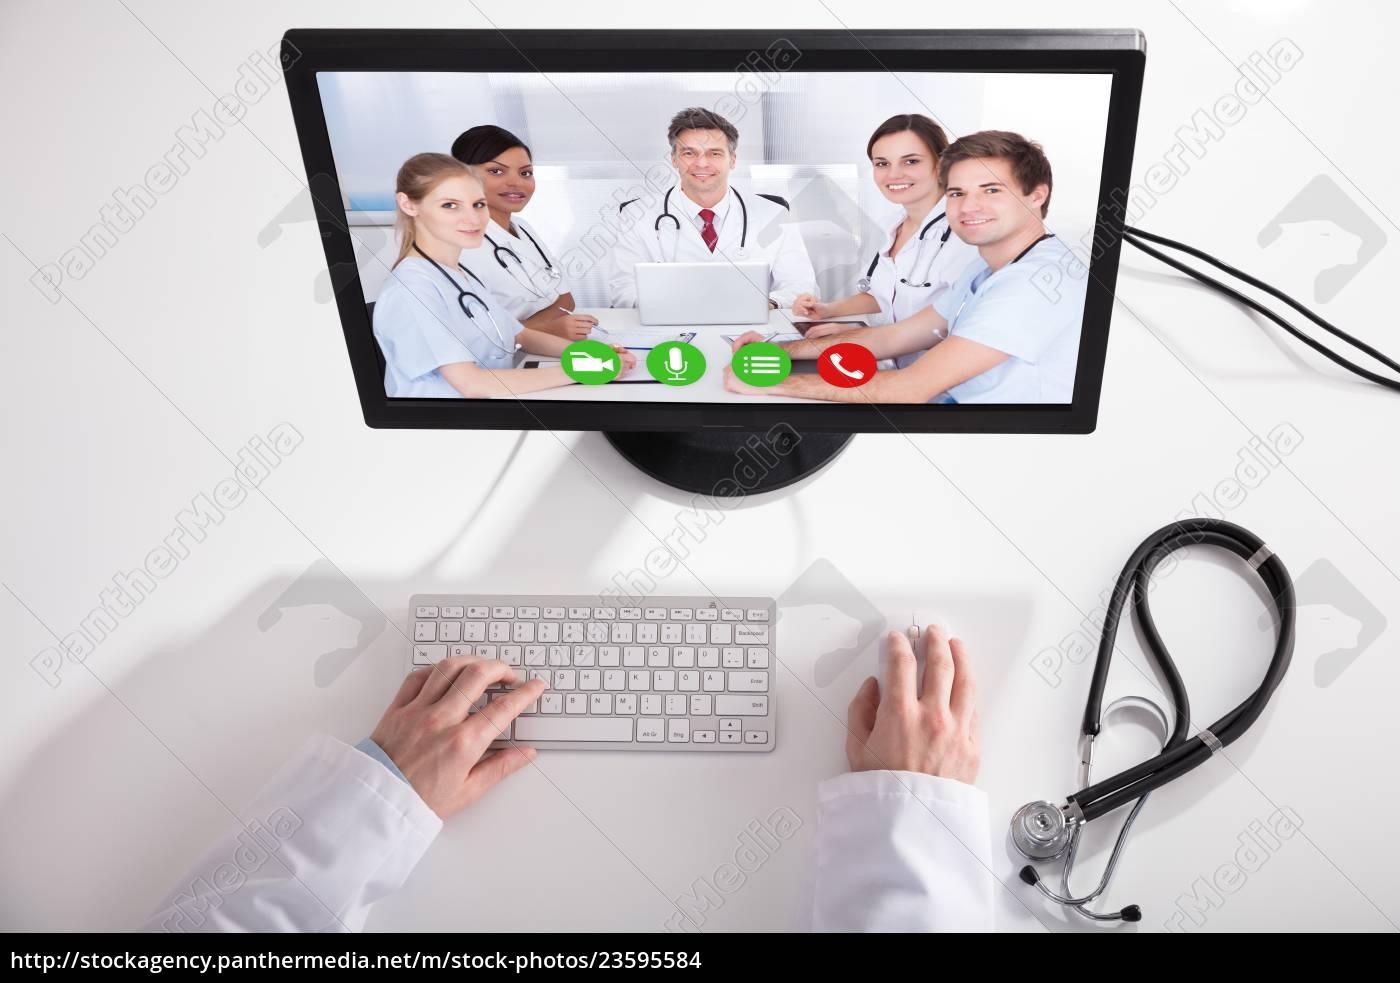 vídeo, médico, conferenciando, com, equipe, médica - 23595584